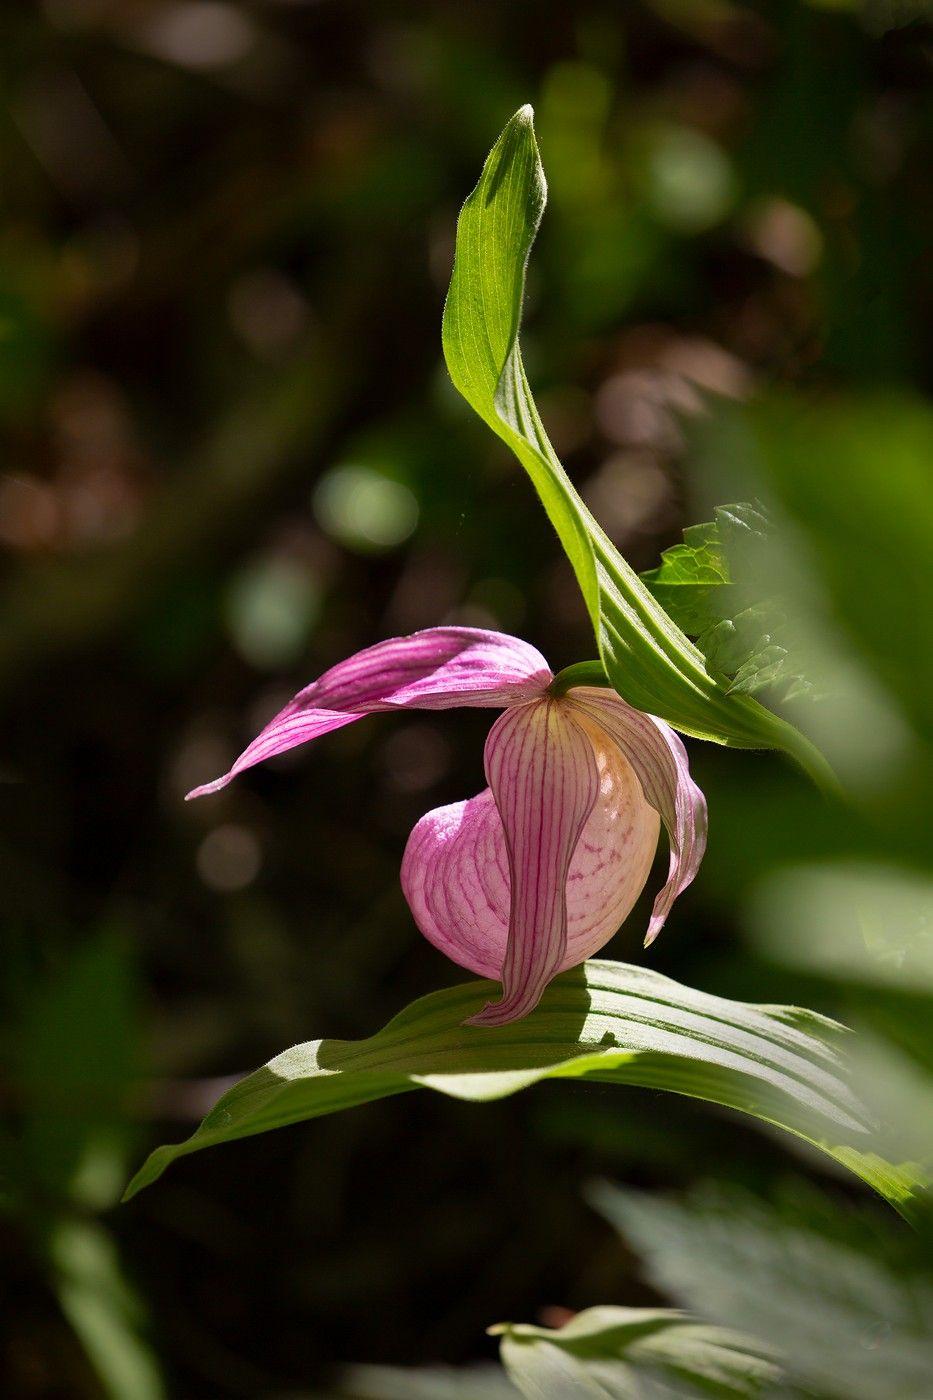 башмачок крупноцветковый владивосток остров русский май, Слободской Евгений